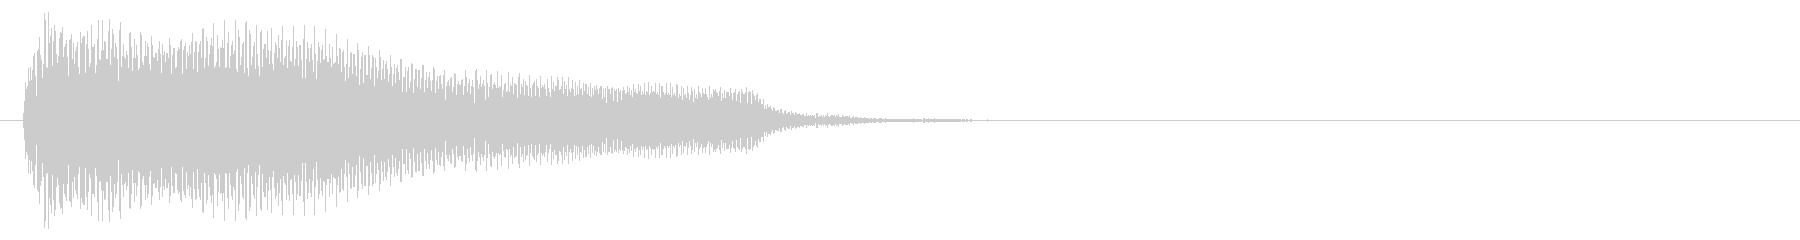 電子音系 タッチ音1(複)の未再生の波形